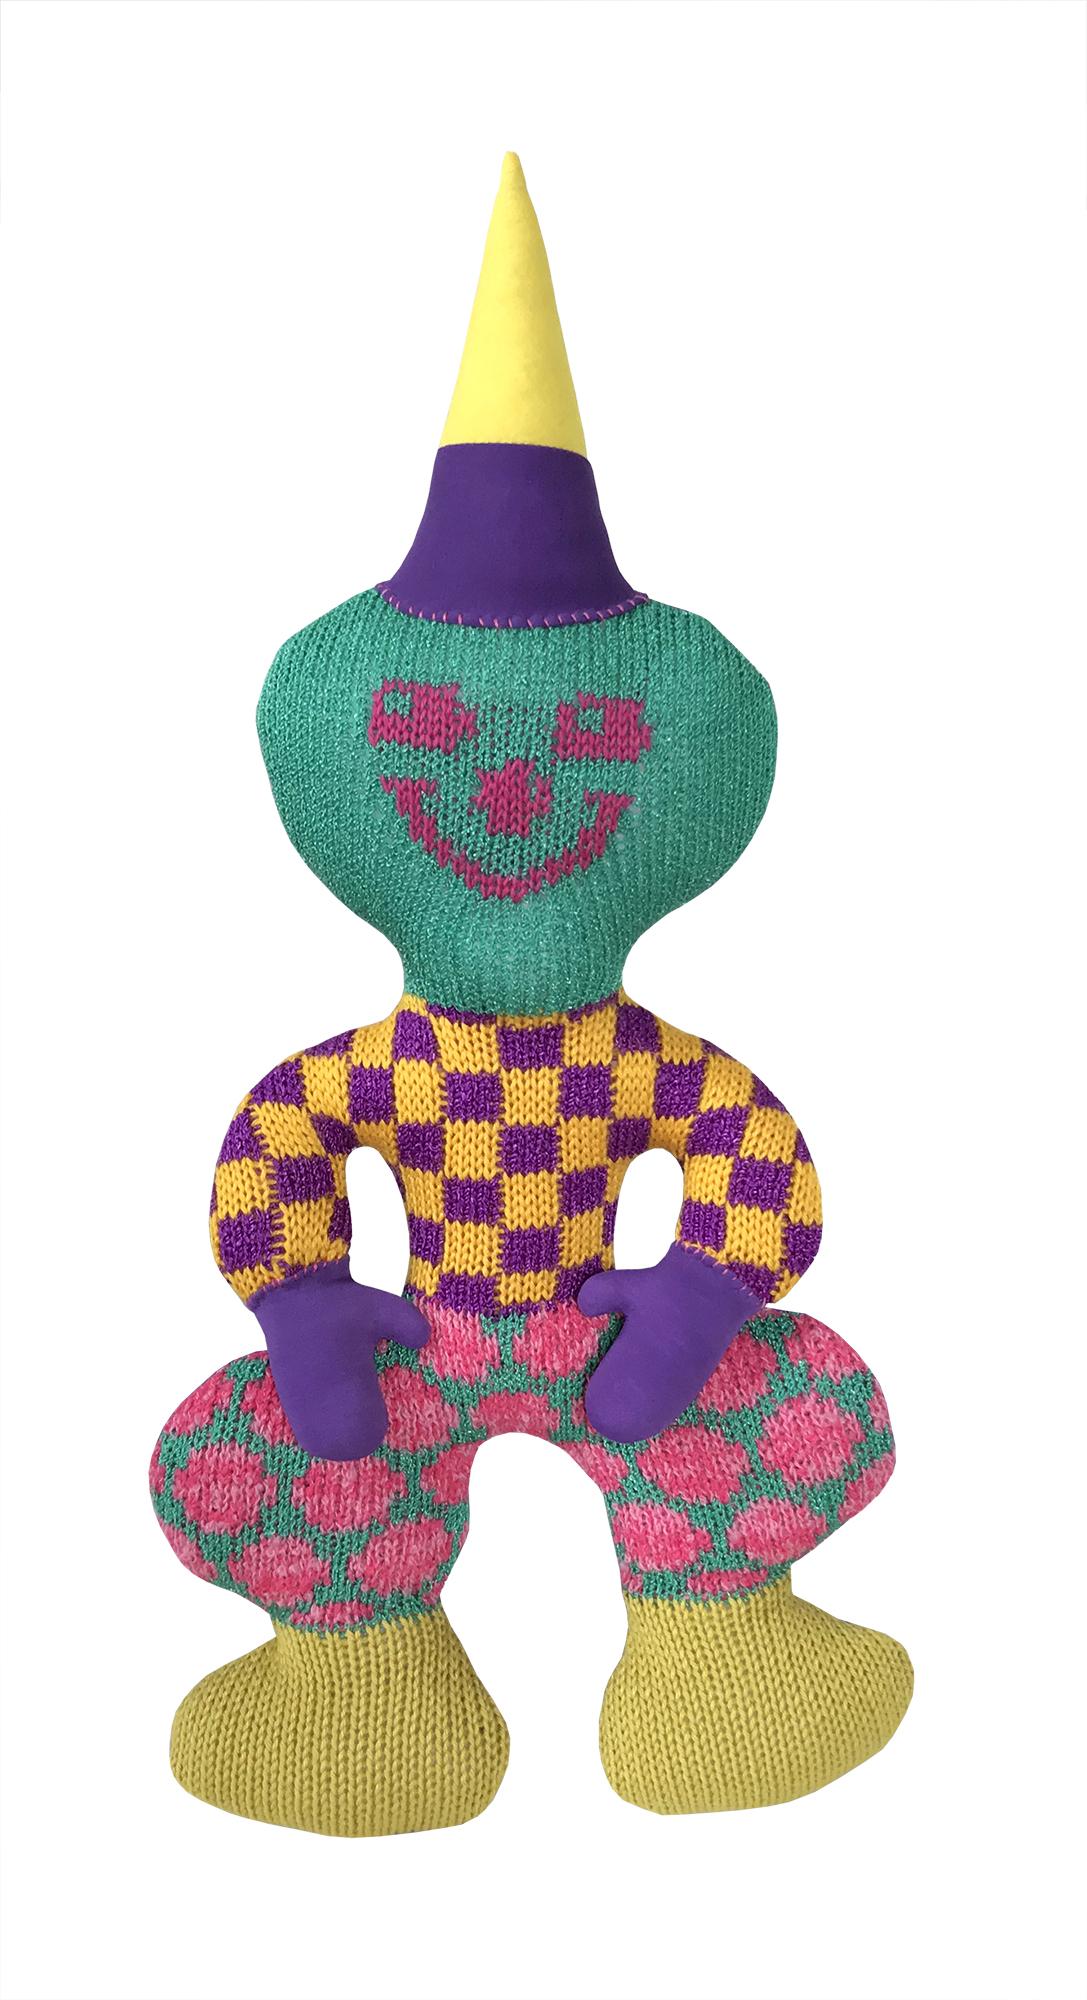 clown25.jpg